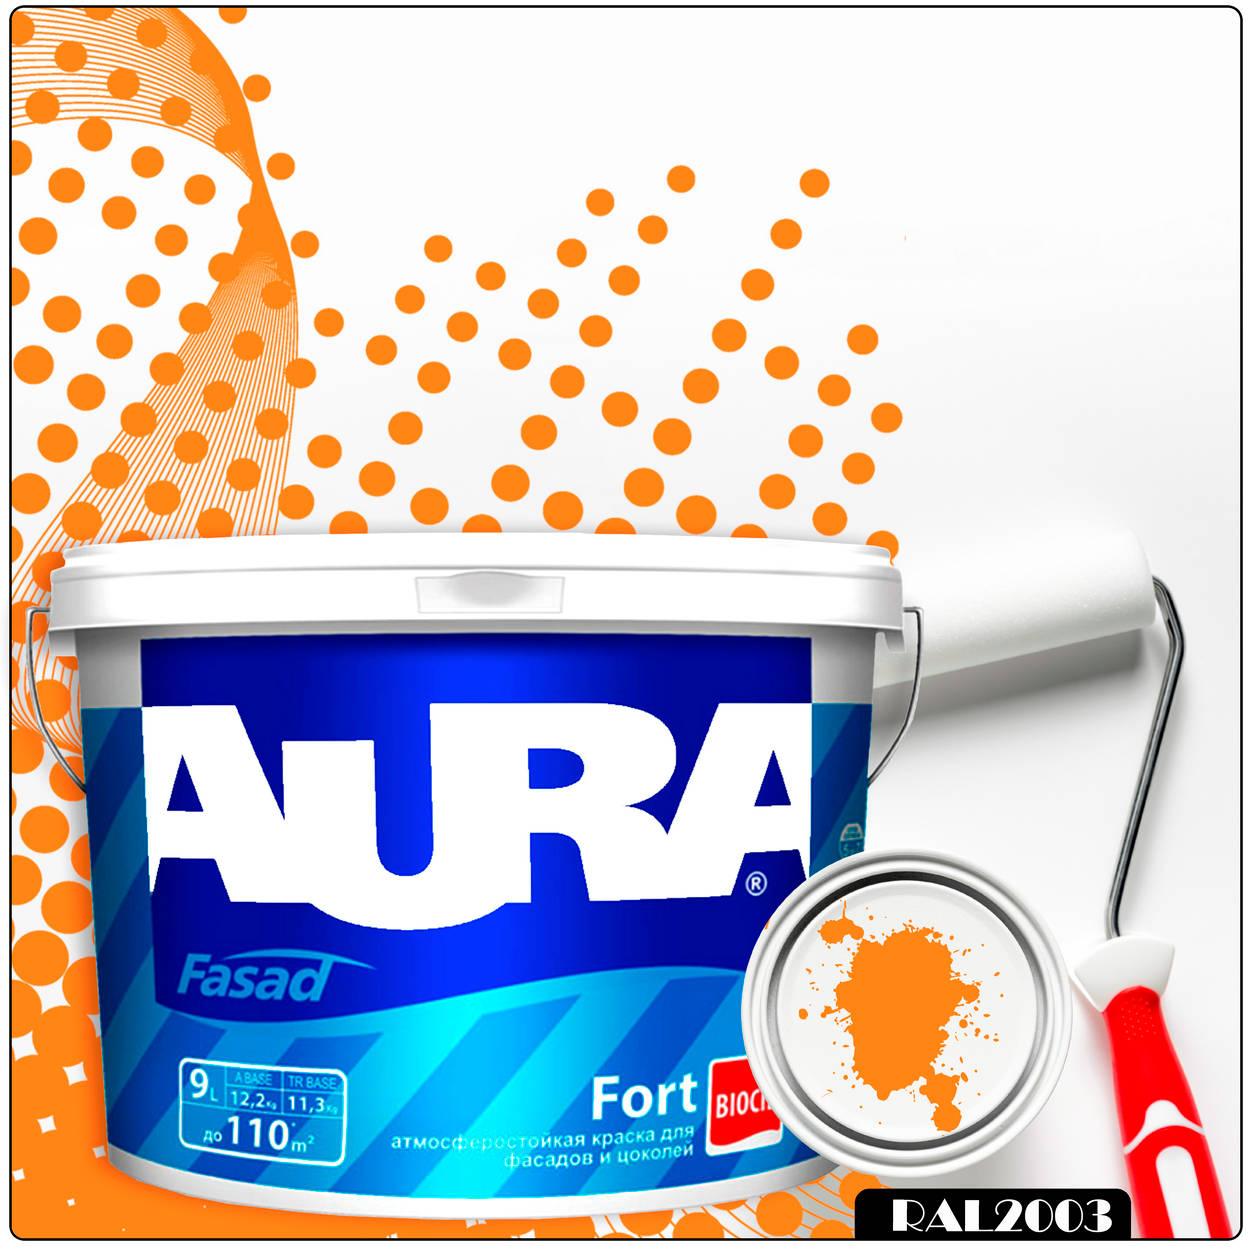 Фото 4 - Краска Aura Fasad Fort, RAL 2003 Пастельно-оранжевый, латексная, матовая, для фасада и цоколей, 9л, Аура.